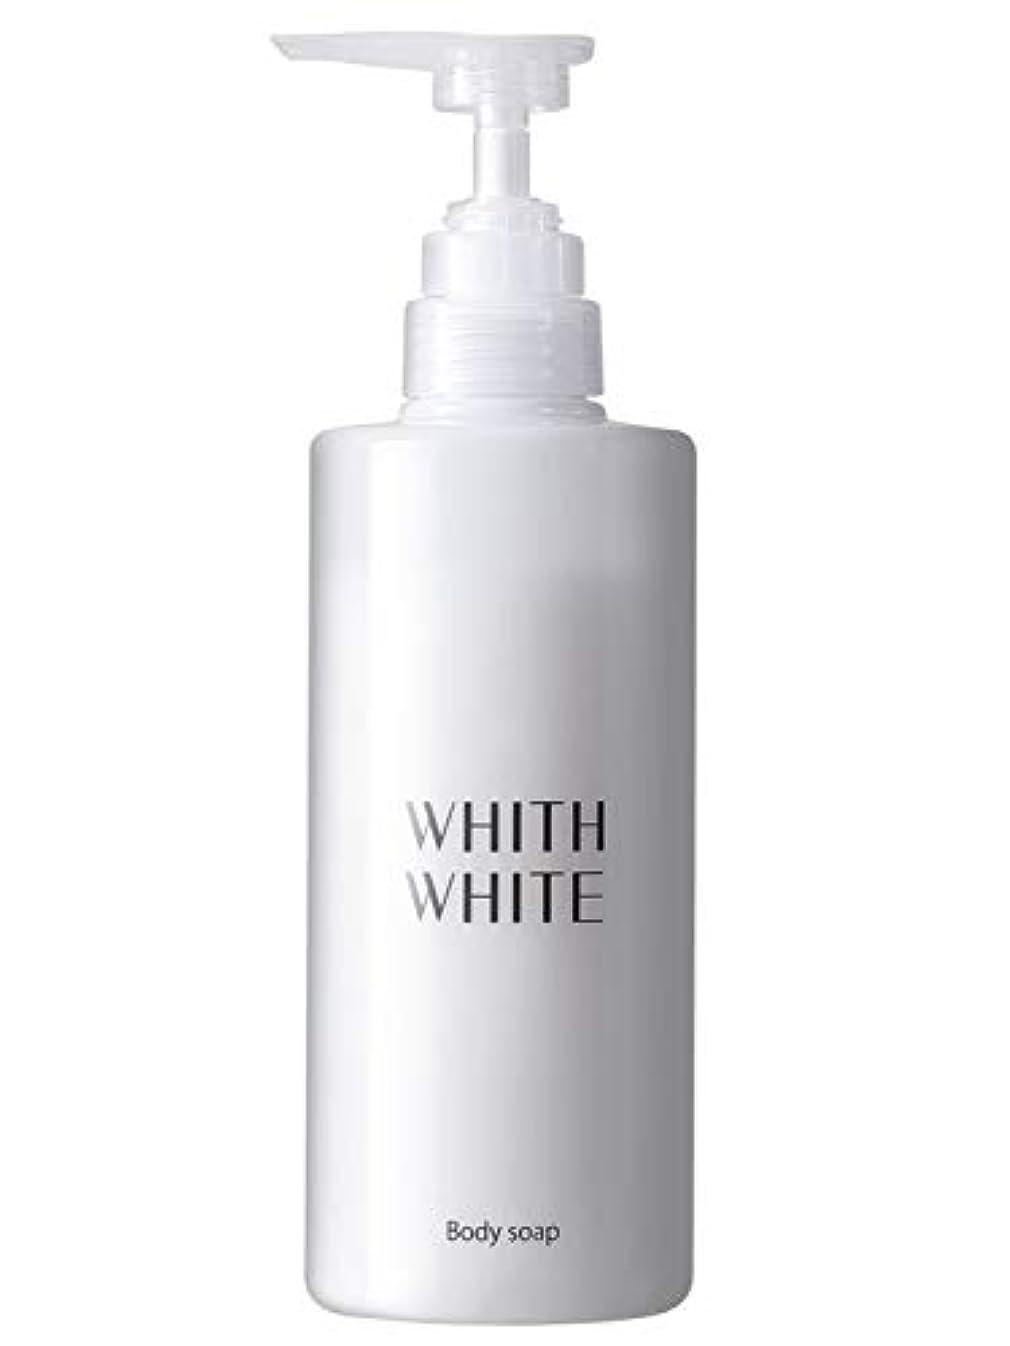 不潔パステル系譜無添加 ボディソープ フィス ホワイト 【 エレガントフローラルのいい香り 】 保湿 ボディーソープ 「 泡で黒ずみ さっぱり ボディシャンプー 」「 ヒアルロン酸 コラーゲン セラミド 配合」450ml